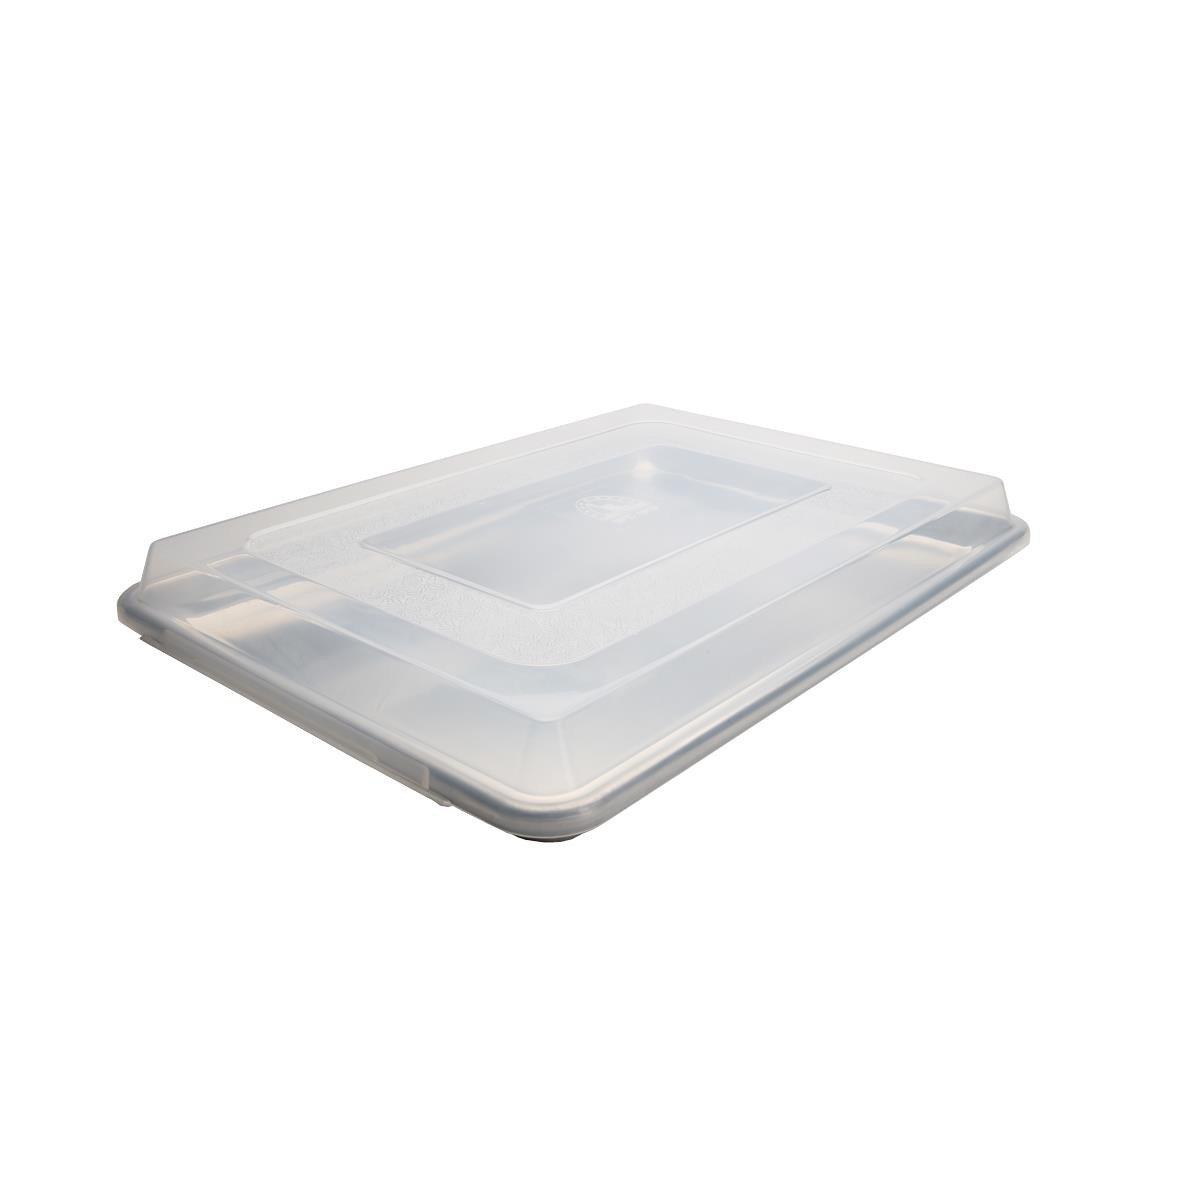 18x13 half sheet bun pan